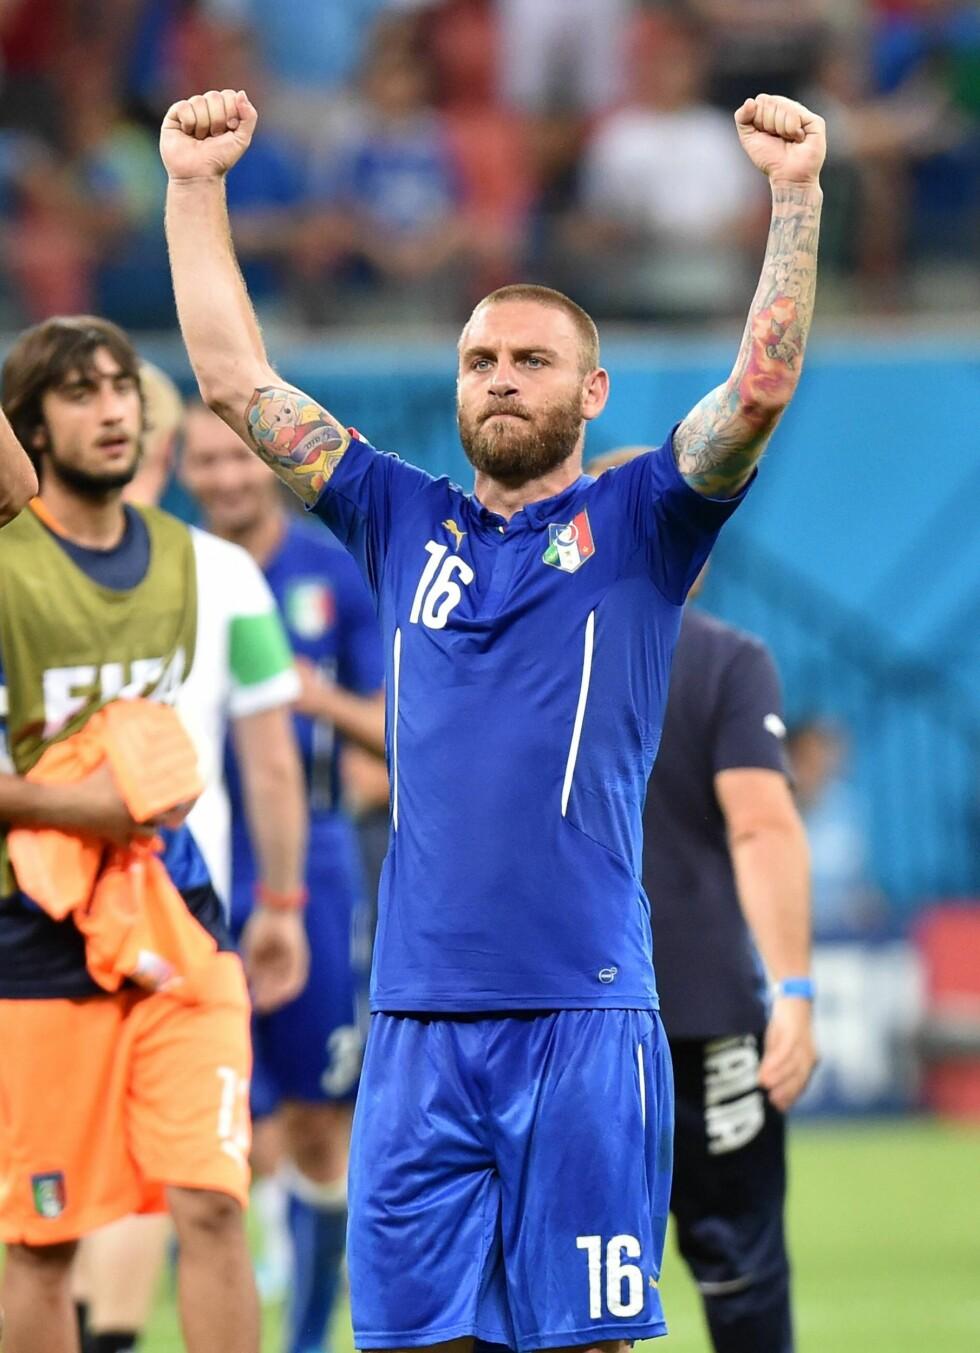 FARGERIK: Italienske Daniele De Rossi viser muskler - og tatoveringer - i kamp mot England. Foto: imago/Ulmer/Teamfoto/ All Over Press